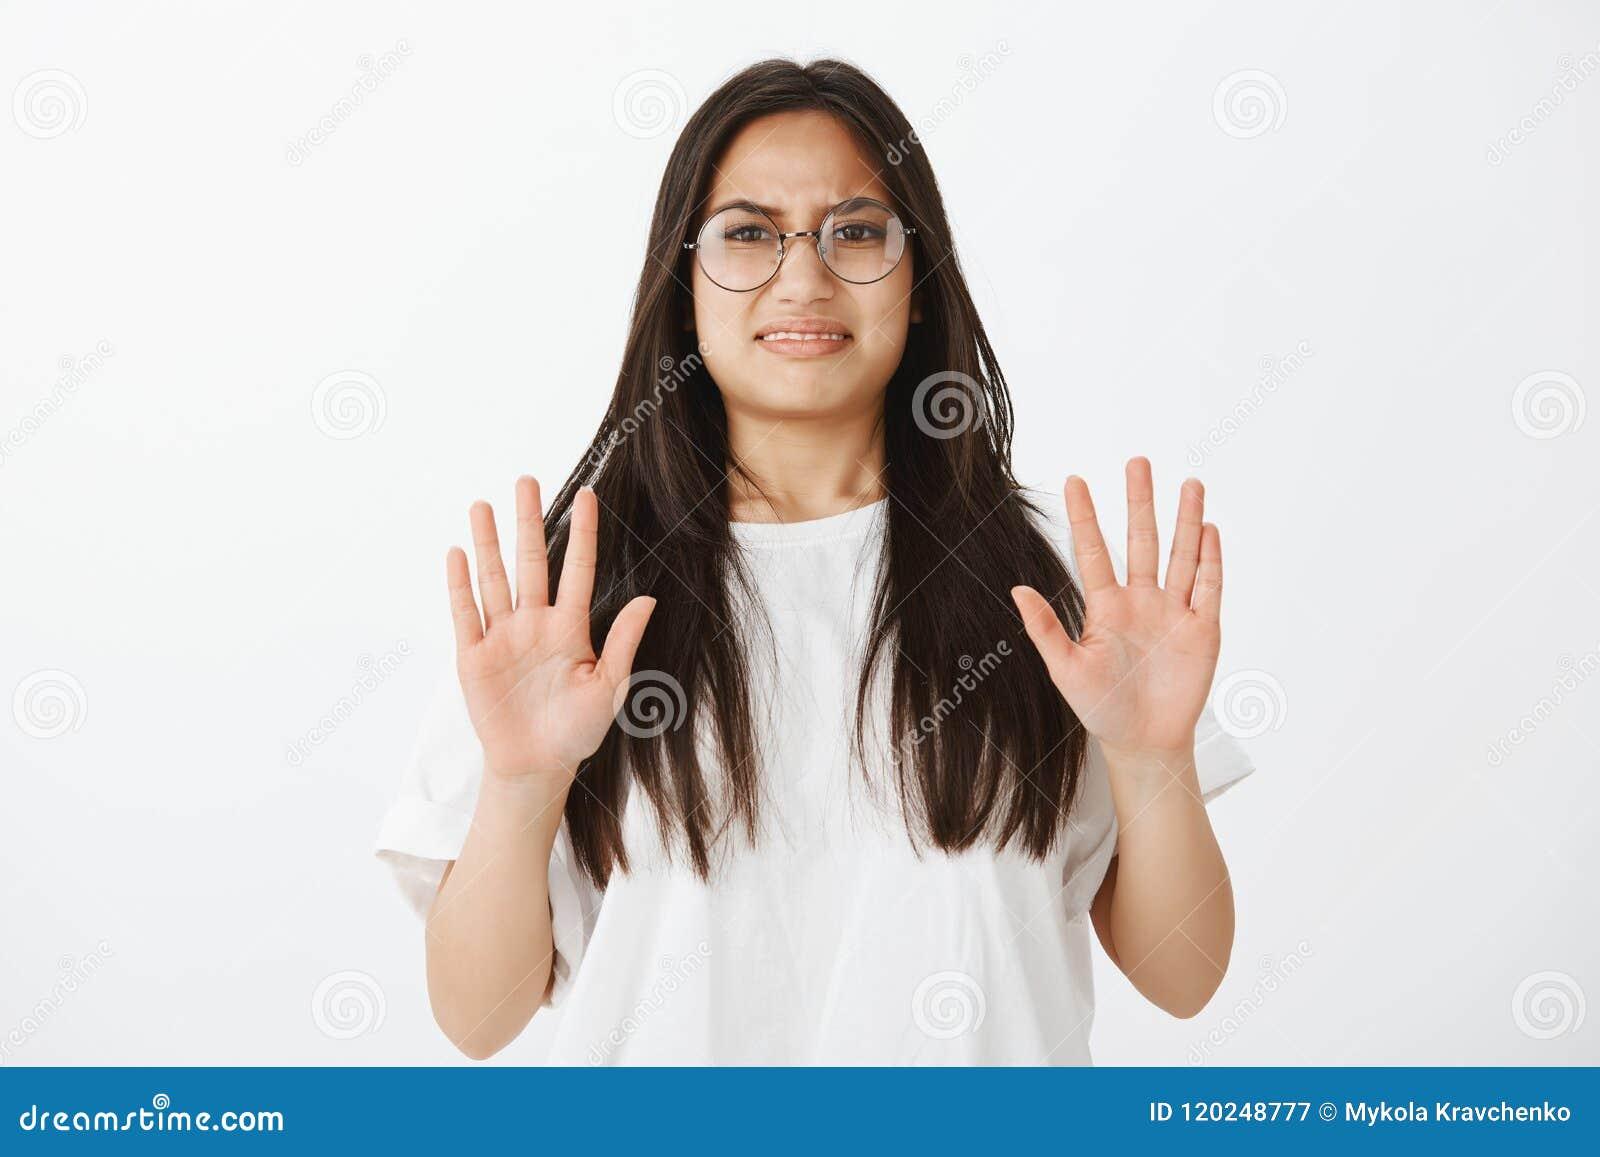 Portret zdegustowana nieporuszona śmieszna dziewczyna w szkłach, robić stawia czoło od antypatii i niechęci podnosi palmy w żadny